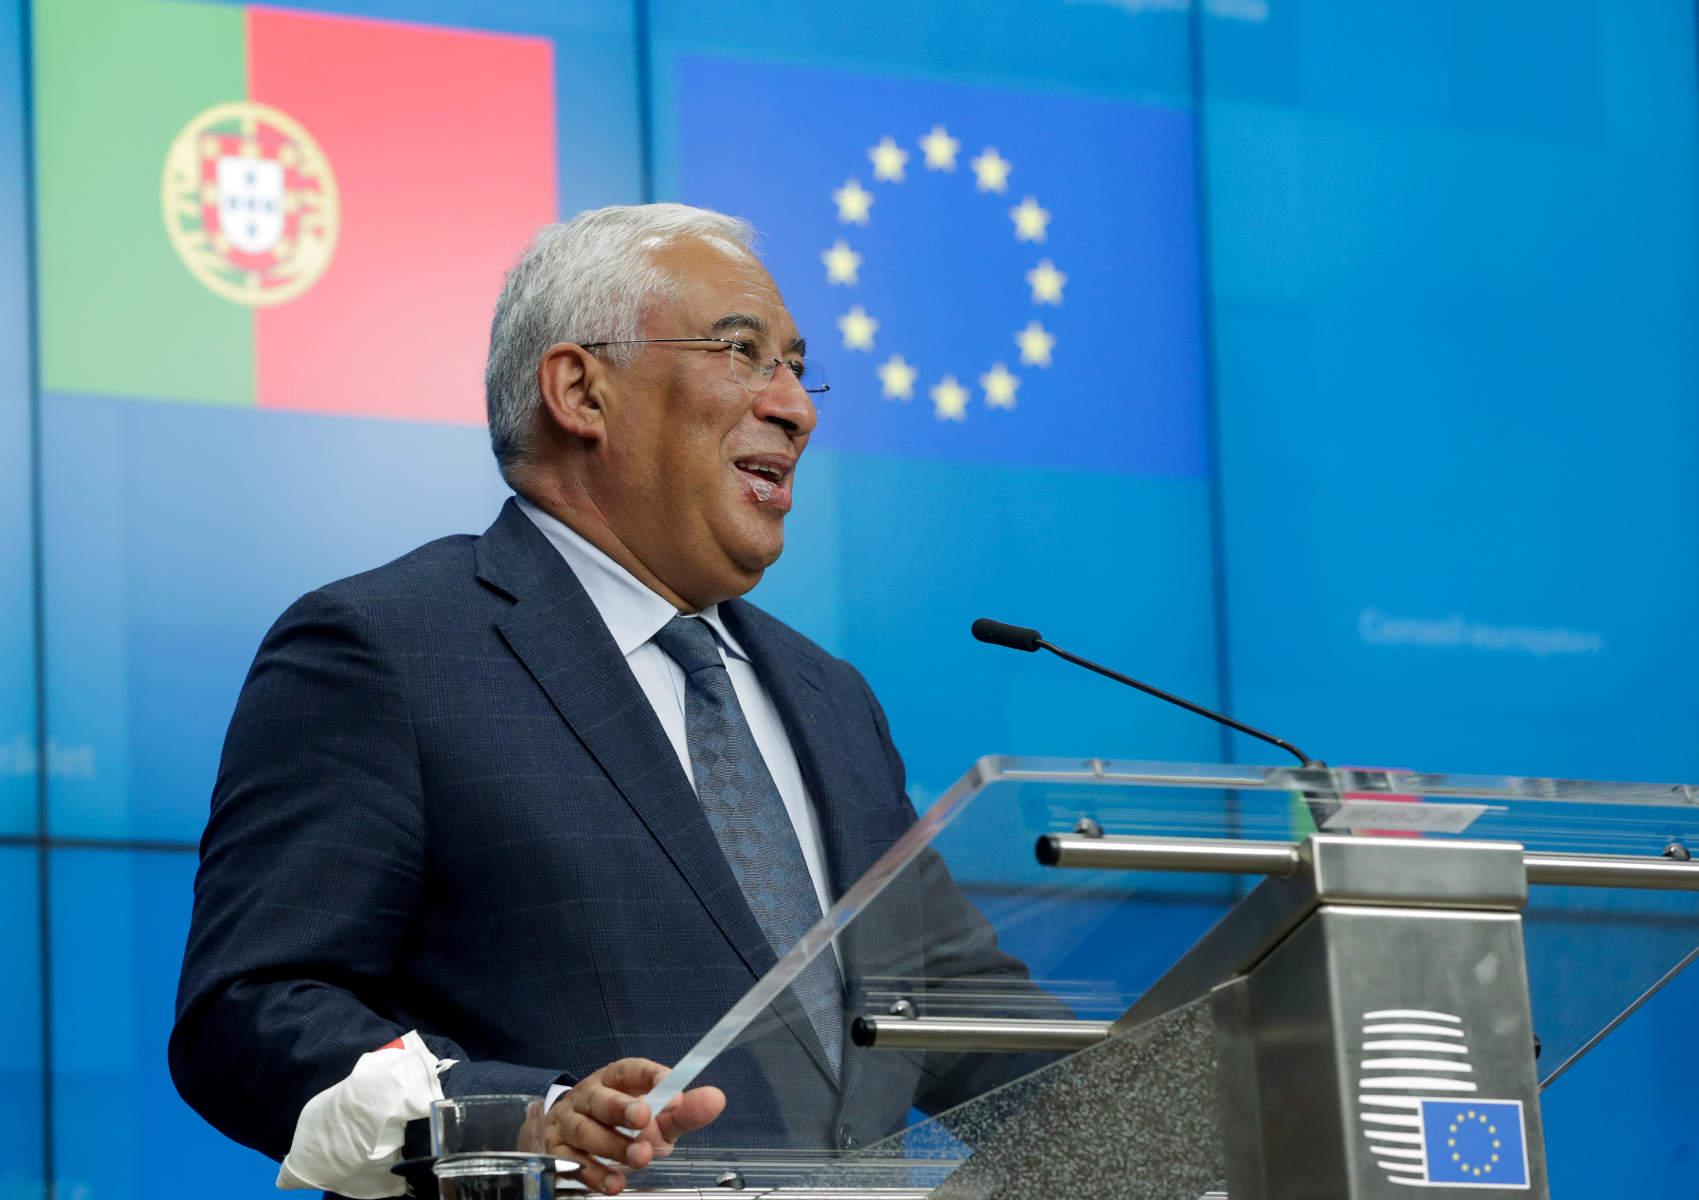 Η Πορτογαλία αναλαμβάνει από σήμερα την προεδρία του Συμβουλίου της ΕΕ